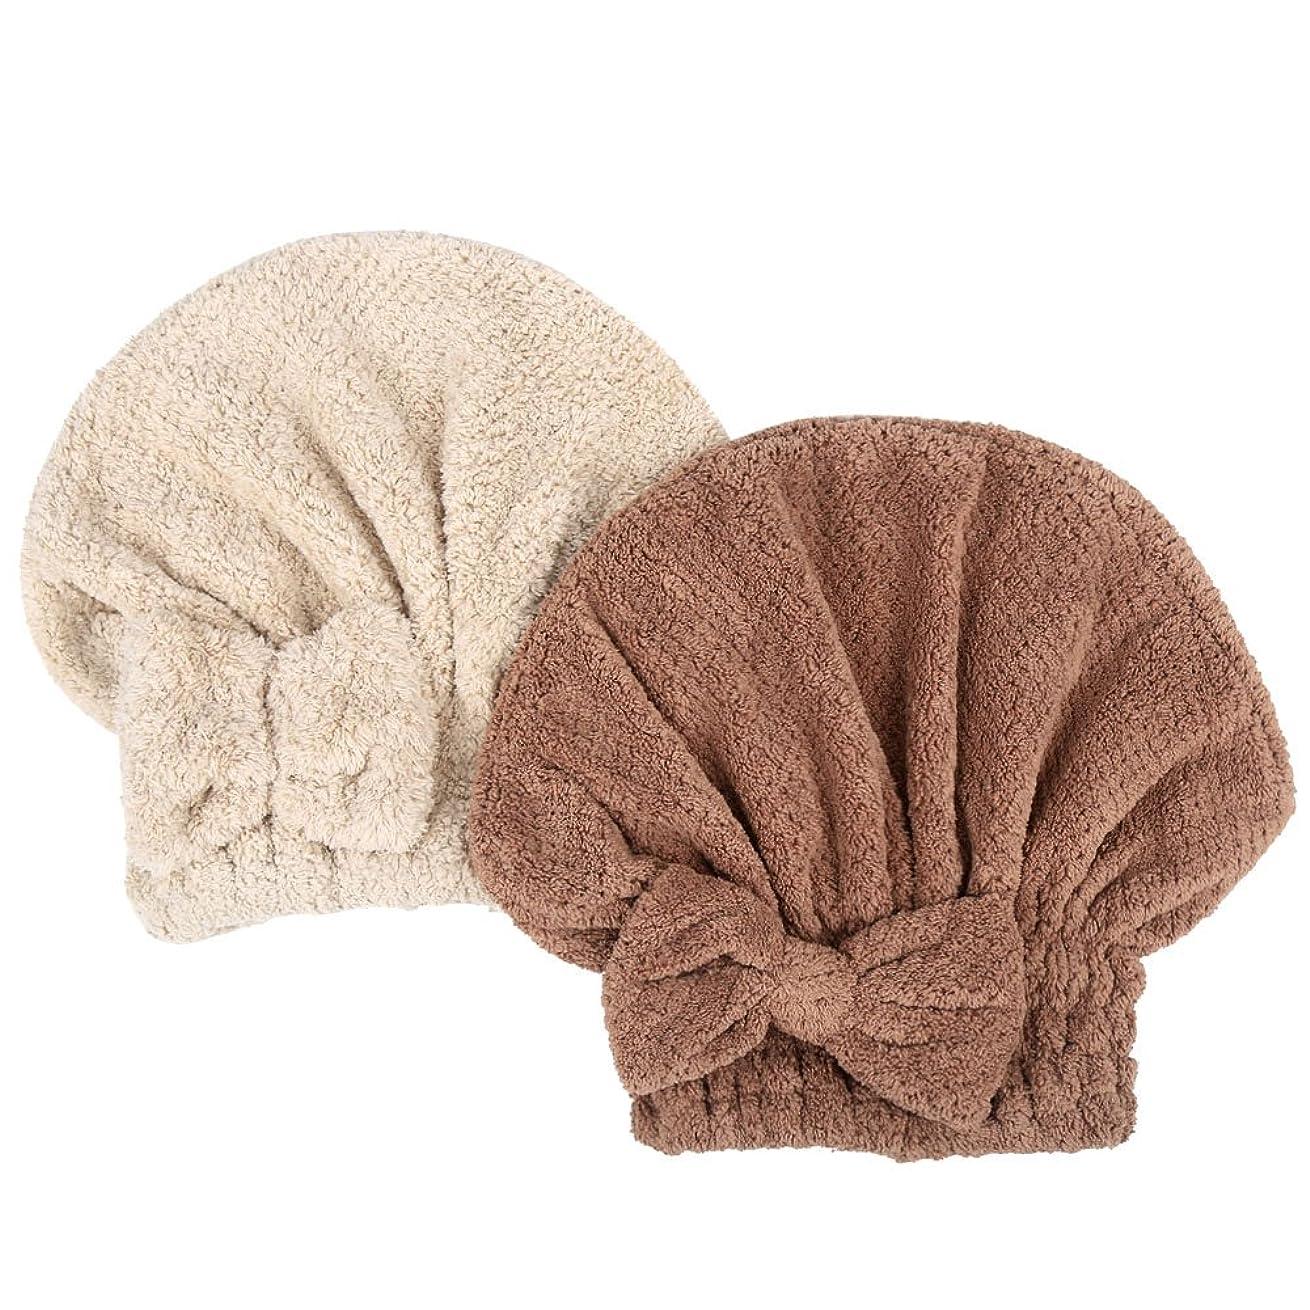 知らせる大きさ突然KISENG タオルキャップ 2枚セット ヘアドライタオル 短髪の人向き ヘアキャップ 吸水タオル 速乾 ふわふわ お風呂 バス用品 (ベージュ+コーヒー)